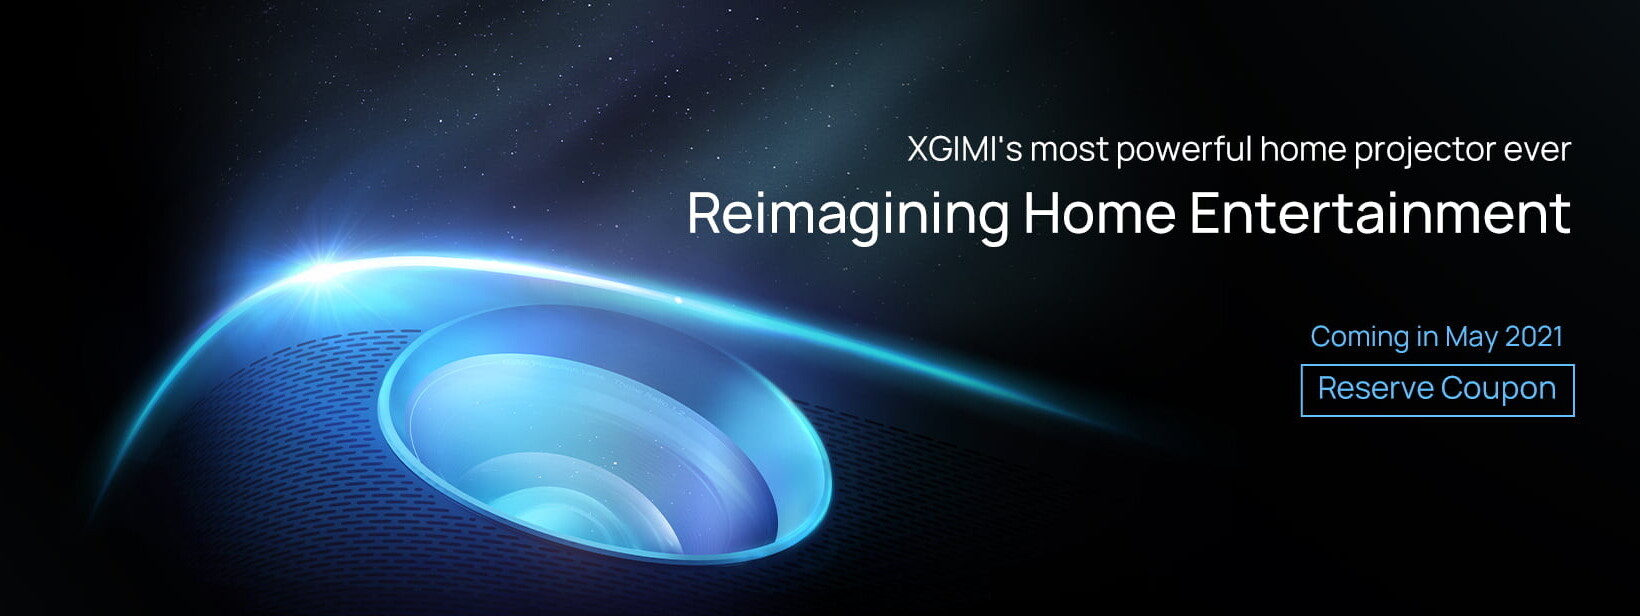 XGIMI prepara los proyectores Horizon y Horizon Pro nextgen para el entretenimiento en el hogar